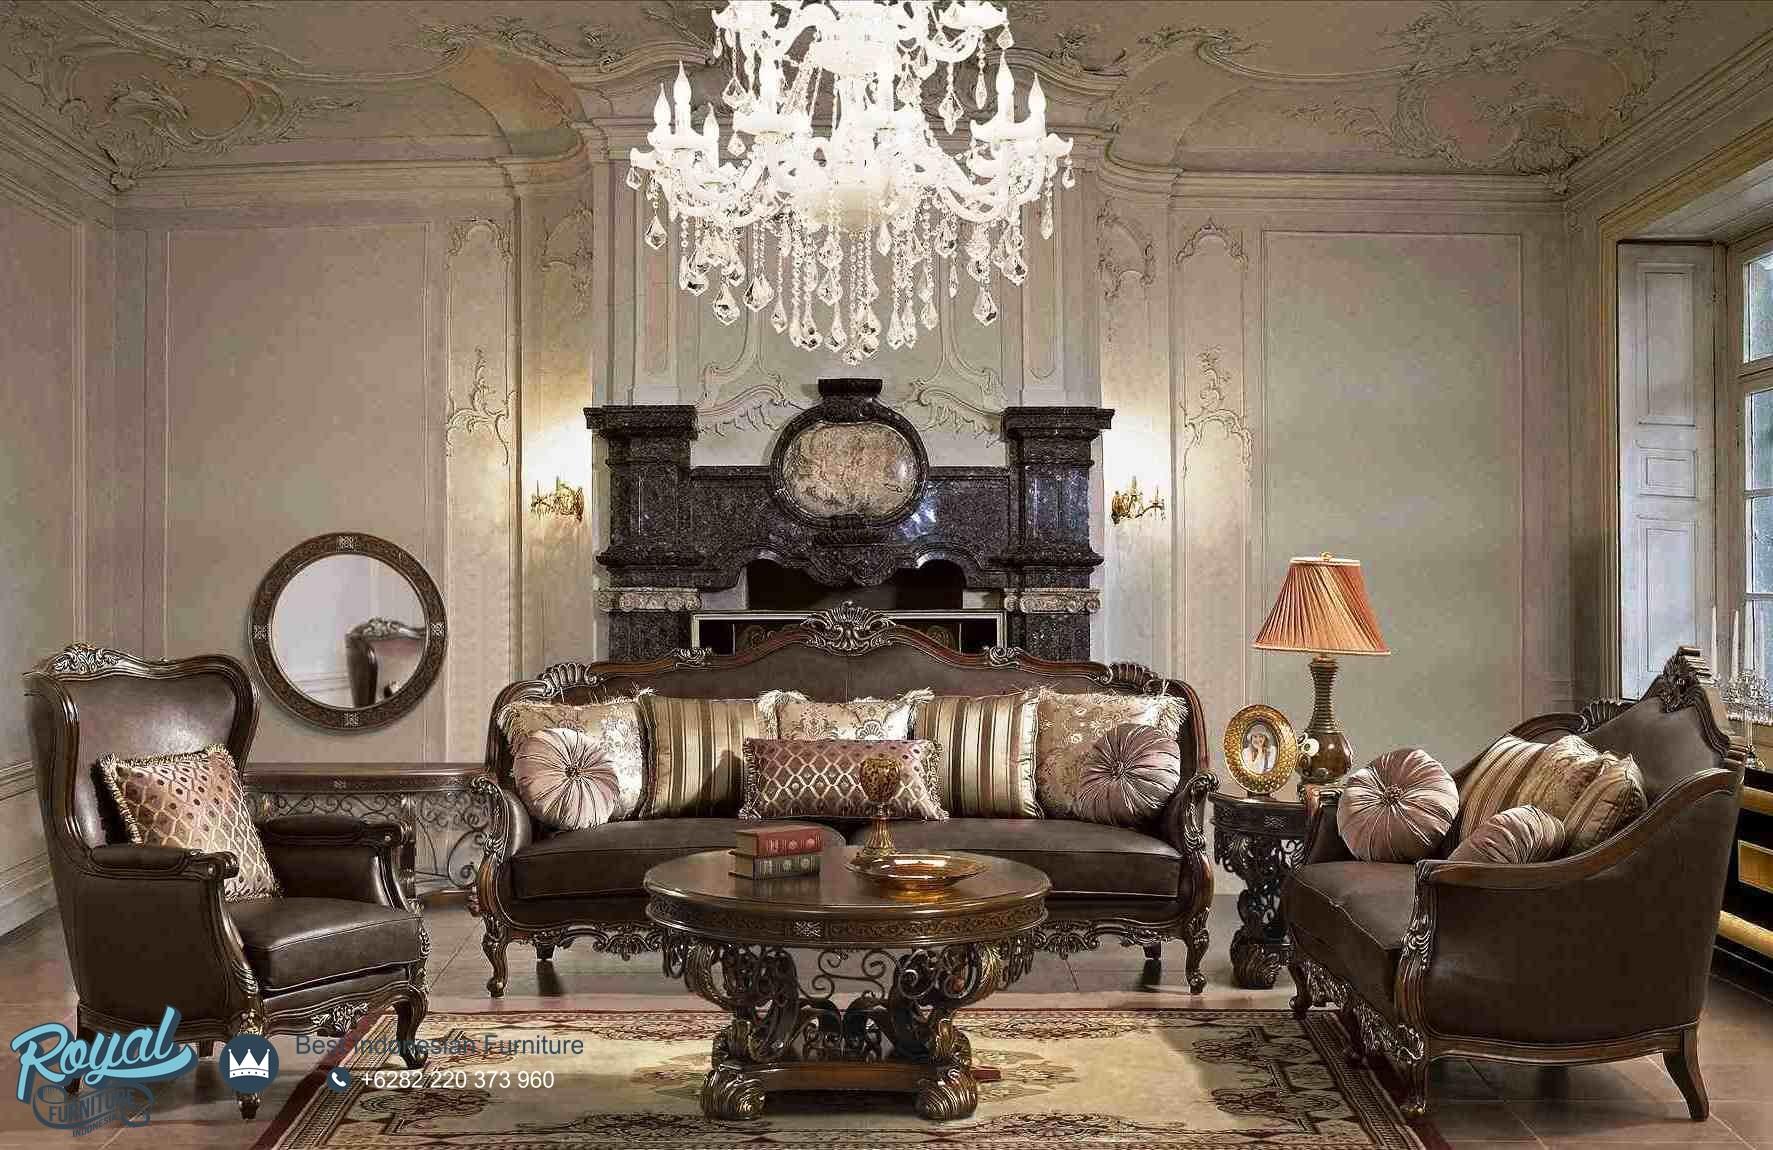 Satu Set Sofa Tamu Kayu Jati Mewah Klasik Jepara French,Sofa Tamu Jati Jepara, Sofa tamu Klasik Jati, kursi tamu mewah, kursi tamu ukir jati jepara, Sofa Tamu Mewah Ukir Klasik Jepara Gold Duco, sofa tamu mewah, sofa tamu klasik, sofa ruang tamu mewah terbaru, kursi tamu mewah, kursi tamu klasik, set sofa tamu jepara, set sofa tamu mewah, set ruang tamu klasik, jual sofa tamu jati jepara, sofa tamu jati ukir klasik, harga sofa tamu jepara terbaru, model sofa tamu klasik, desain gambar sofa tamu mewah klasik, sofa tamu minimalis terbaru, sofa tamu modern mewah, furniture sofa ruang tamu ukiran jepara, furniture jepara, mebel jepara,Royal Furniture